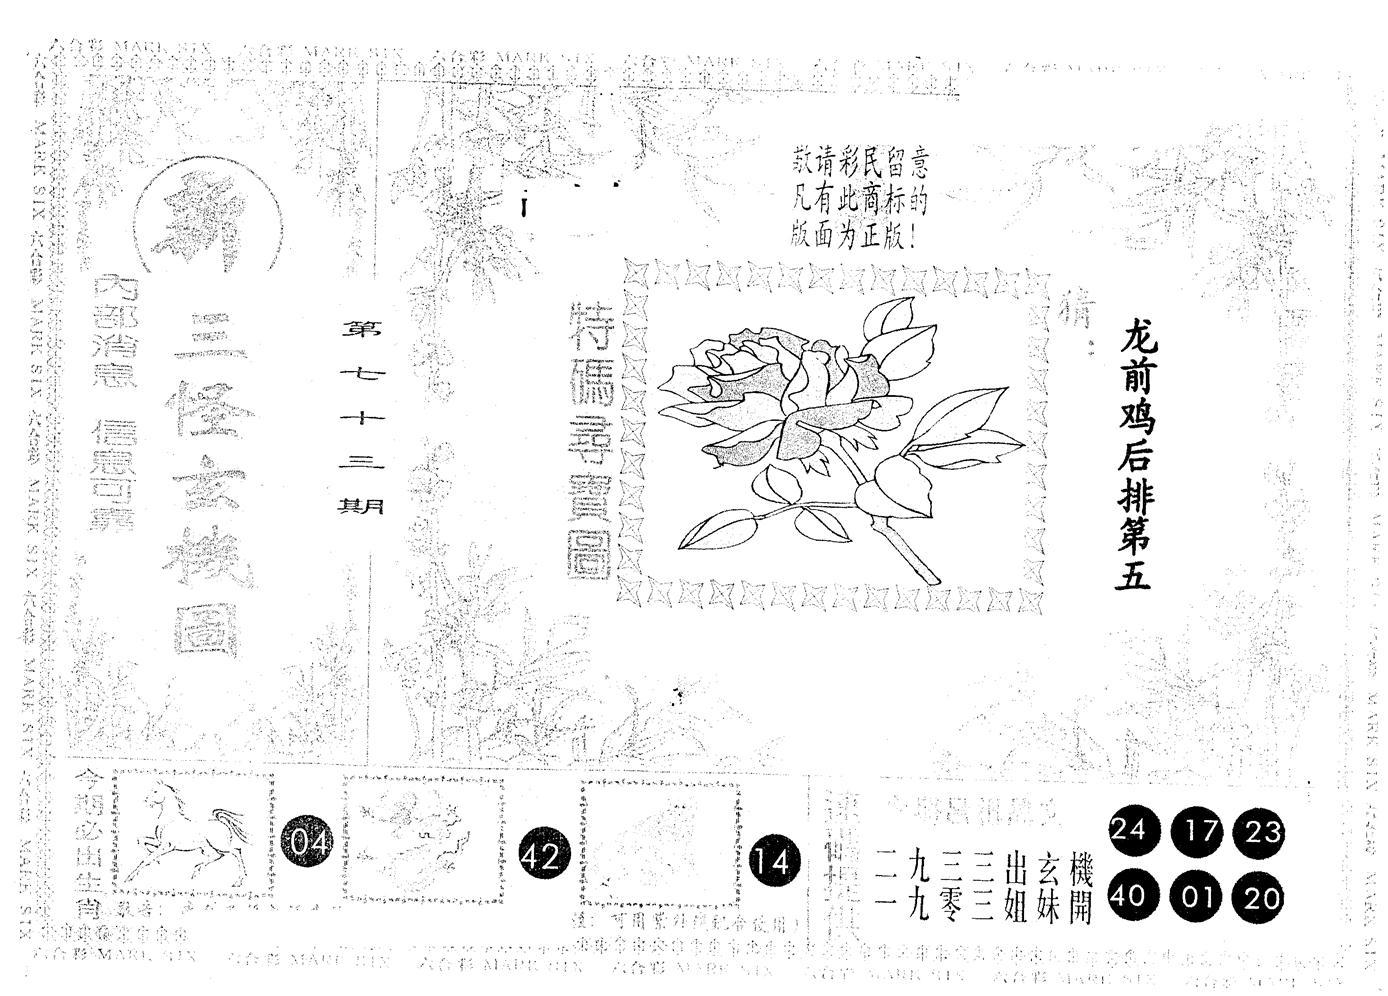 073期另版新三怪(黑白)